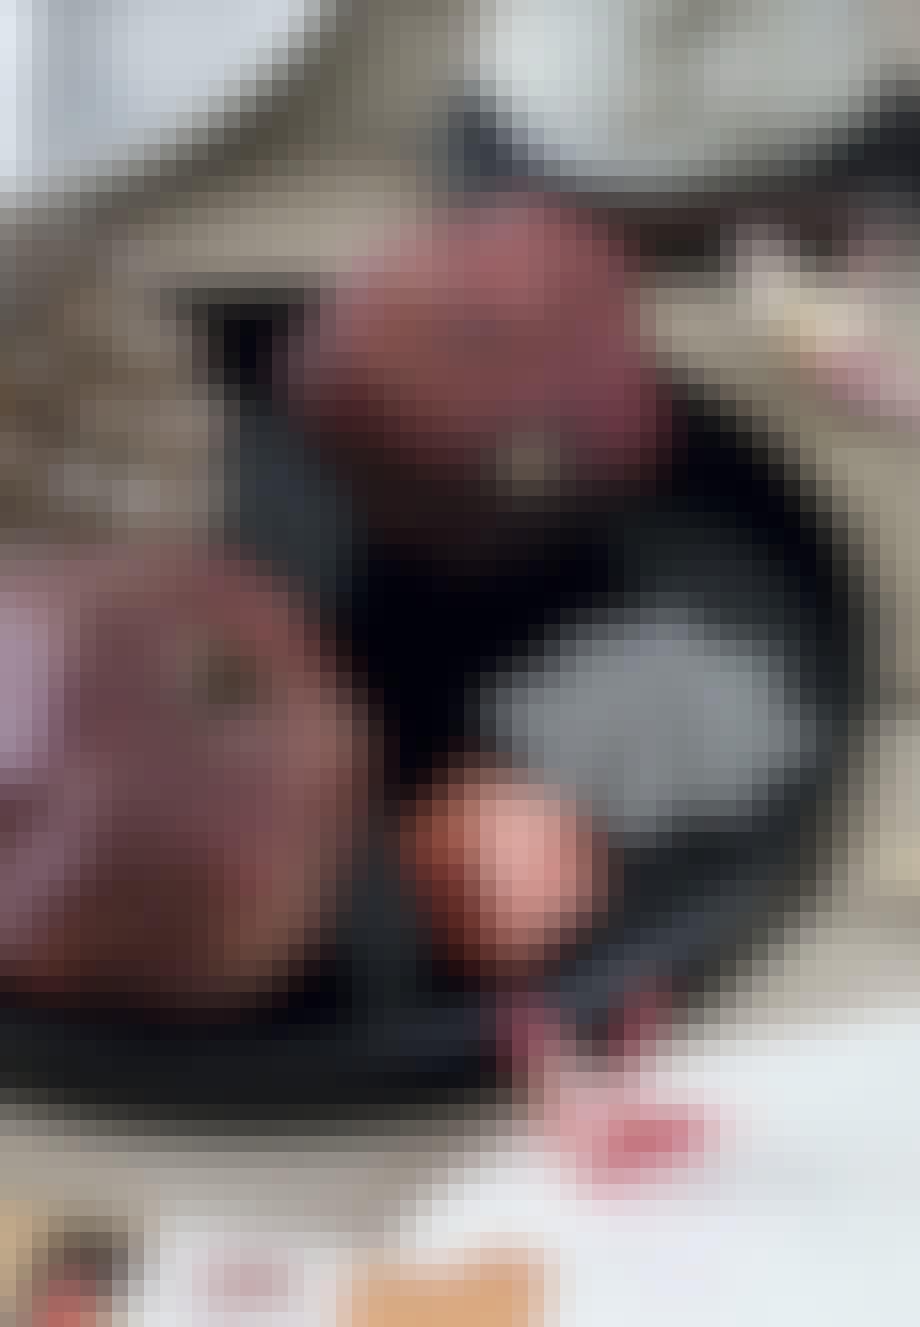 Tørrede granatæbler som pynt